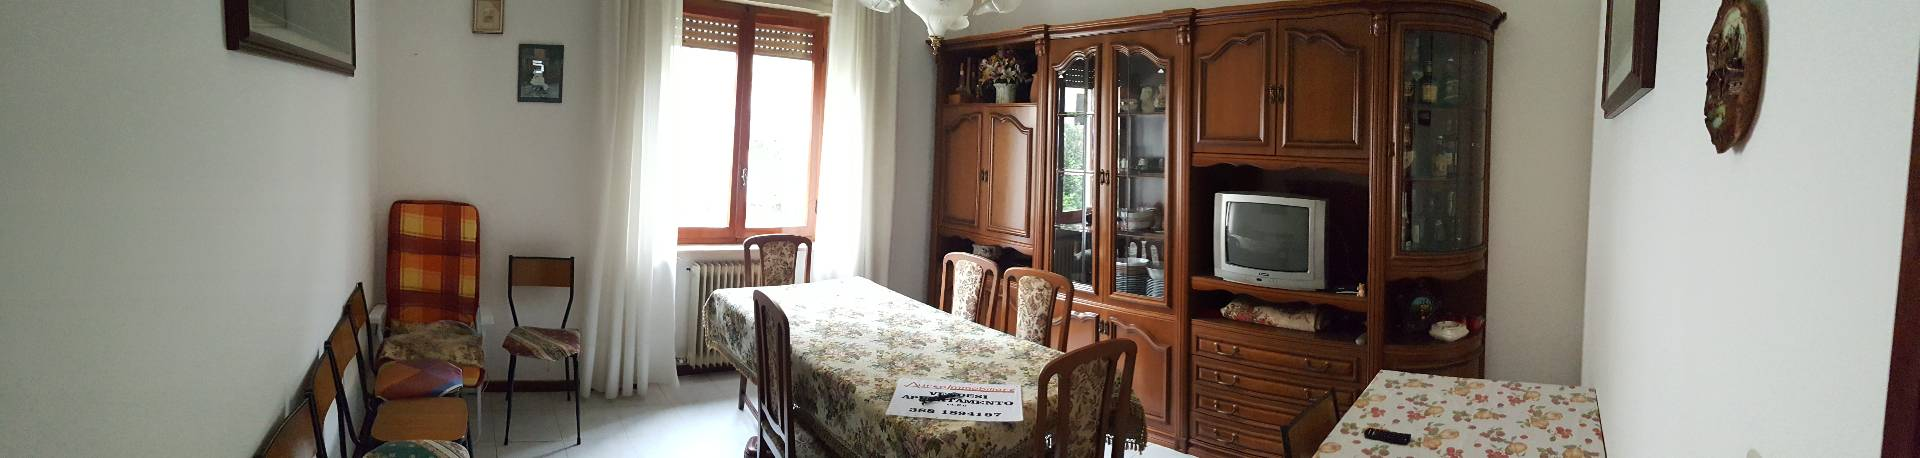 Appartamento in vendita a Roccafluvione, 5 locali, prezzo € 85.000 | CambioCasa.it